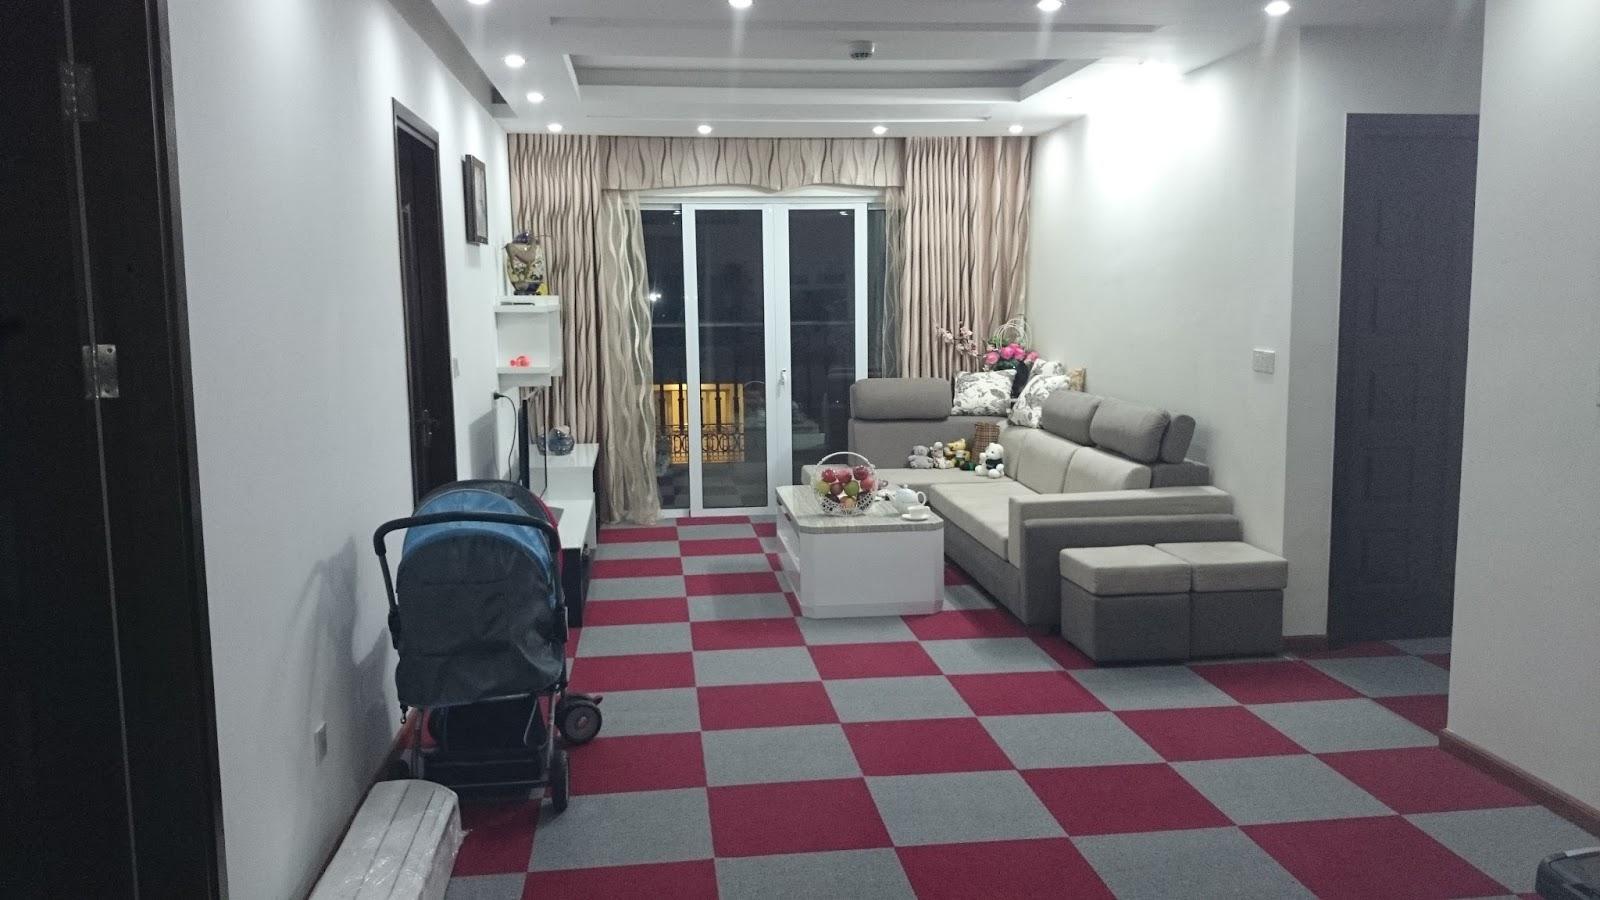 Ghé thăm nội thất căn hộ 3 phòng ngủ tại Hòa Bình Green City